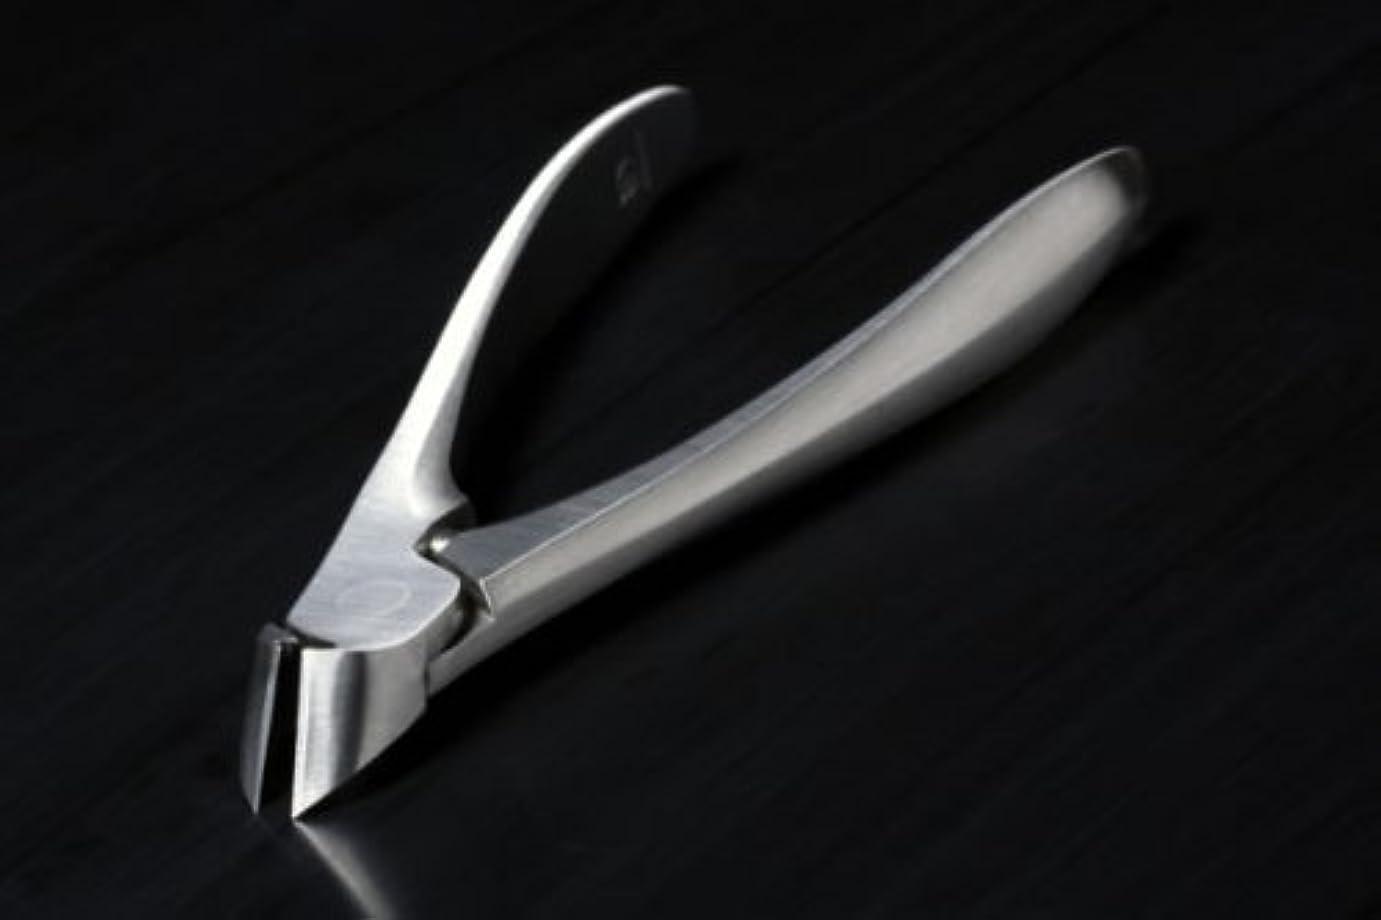 ネックレット共和国維持するSUWADA (スワダ)爪切り クラシック 足用 (収納ケース付)